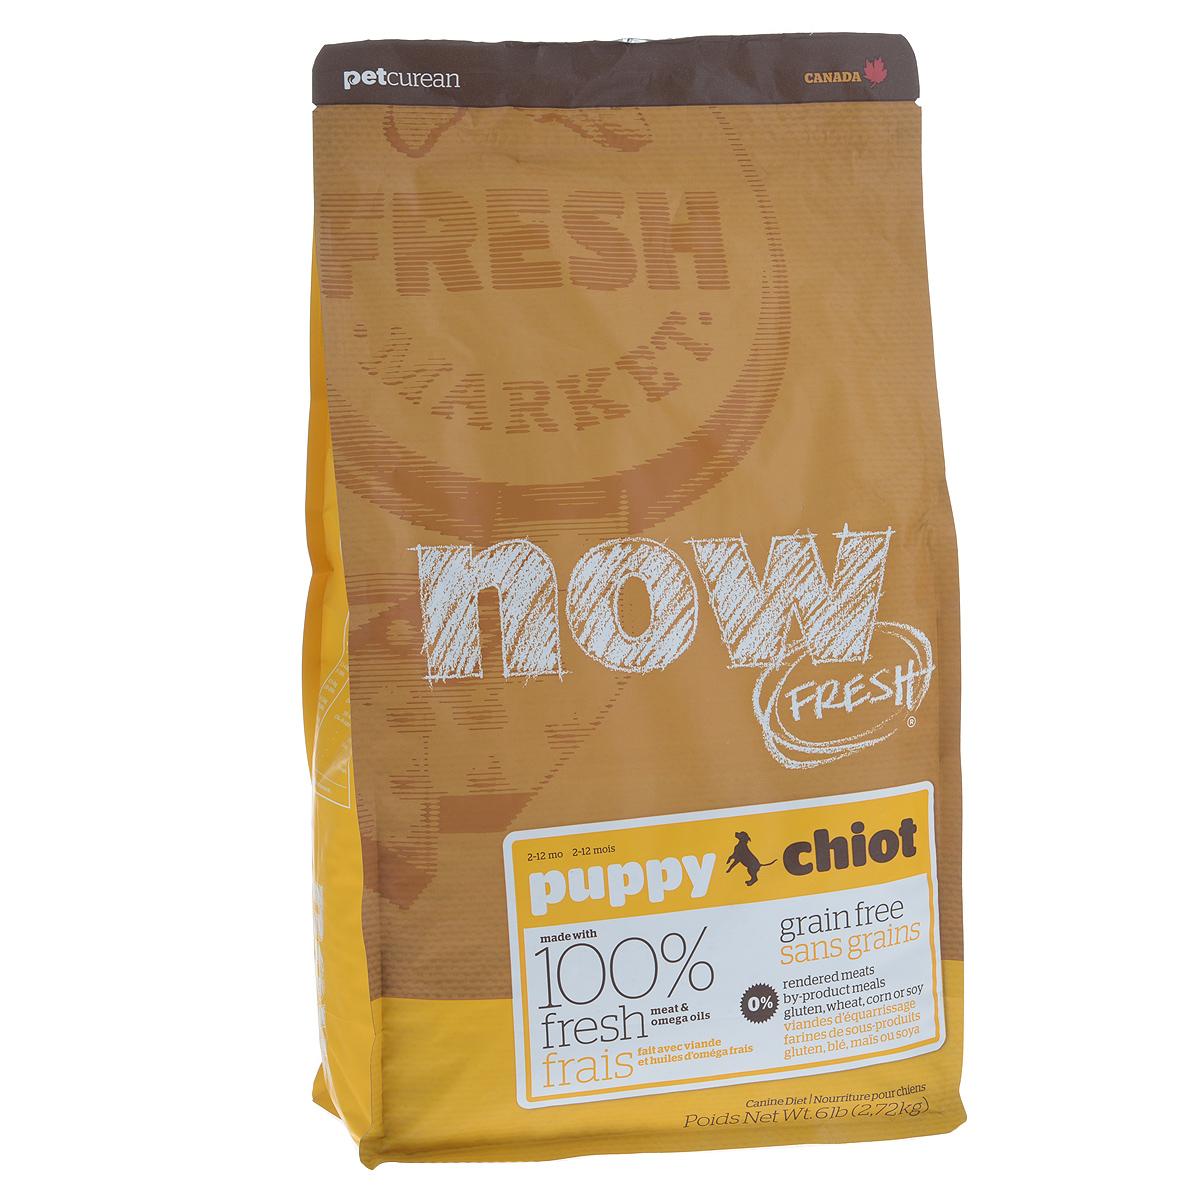 Корм сухой Now Fresh для щенков, беззерновой, с индейкой, уткой и овощами, 2,72 кг0120710Now Fresh - полностью сбалансированный холистик корм для щенков всех пород из филе индейки, утки и лосося.Это первый беззерновой корм со сбалансированным содержание белков и жиров.Ключевые преимущества: - не содержит субпродуктов, красителей, говядины, мясных ингредиентов, выращенных на гормонах, - омега-масла в составе необходимы для здоровой кожи и шерсти, - пробиотики и пребиотики обеспечивают здоровое пищеварение, - антиоксиданты укрепляют иммунную систему. Состав: филе индейки, картофель, горох, свежие цельные яйца, томаты, масло канолы (источник витамина Е), семена льна, натуральный ароматизатор, филе лосося, утиное филе, кокосовое масло (источник витамина Е), яблоки, морковь, тыква, бананы, черника, клюква, малина, ежевика, папайя, ананас, грейпфрут, чечевица, брокколи, шпинат, творог, ростки люцерны, дикальций фосфат, люцерна, карбонат кальция, фосфорная кислота, натрия хлорид, лецитин, хлорид калия, DL-метионин, таурин, витамины (витамин Е, L-аскорбил-2-полифосфатов (источник витамина С), никотиновая кислота, инозит, витамин А, тиамин, амононитрат, пантотенат D-кальция, пиридоксинагидрохлорид, рибофлавин, бета-каротин, витамин D3, фолиевая кислота, биотин, витаминВ12), минералы (протеинат цинка, сульфат железа, оксид цинка, протеинат железа, сульфат меди, протеинат меди, протеинат марганца, оксид марганца, йодат кальция, селенит натрия), сушеные водоросли, L-лизин, сухой корень цикория, Lactobacillus, Enterococcusfaecium, Aspergillus, экстракт Юкки Шидигера, L-карнитин, ноготки, сушеный розмарин. Гарантированный анализ: белки - 28%, жиры - 18%, клетчатка - 3%, влажность - 10%, кальций - 1,2%, фосфор - 0,8%, докозагексаеновая кислота (DHA) - 0,02%, эйкозапентаеновая кислота (EPA) - 0,02%, жирные кислоты Омега 6 - 2,7%, жирные кислоты Омега 3 - 0,54%, лактобактерии (Lactobacillus acidophilus, Enterococcus faecium) - 90000000 cfu/lb. Калорийность: 3746 ккал/кг.Вес: 2,72 кг